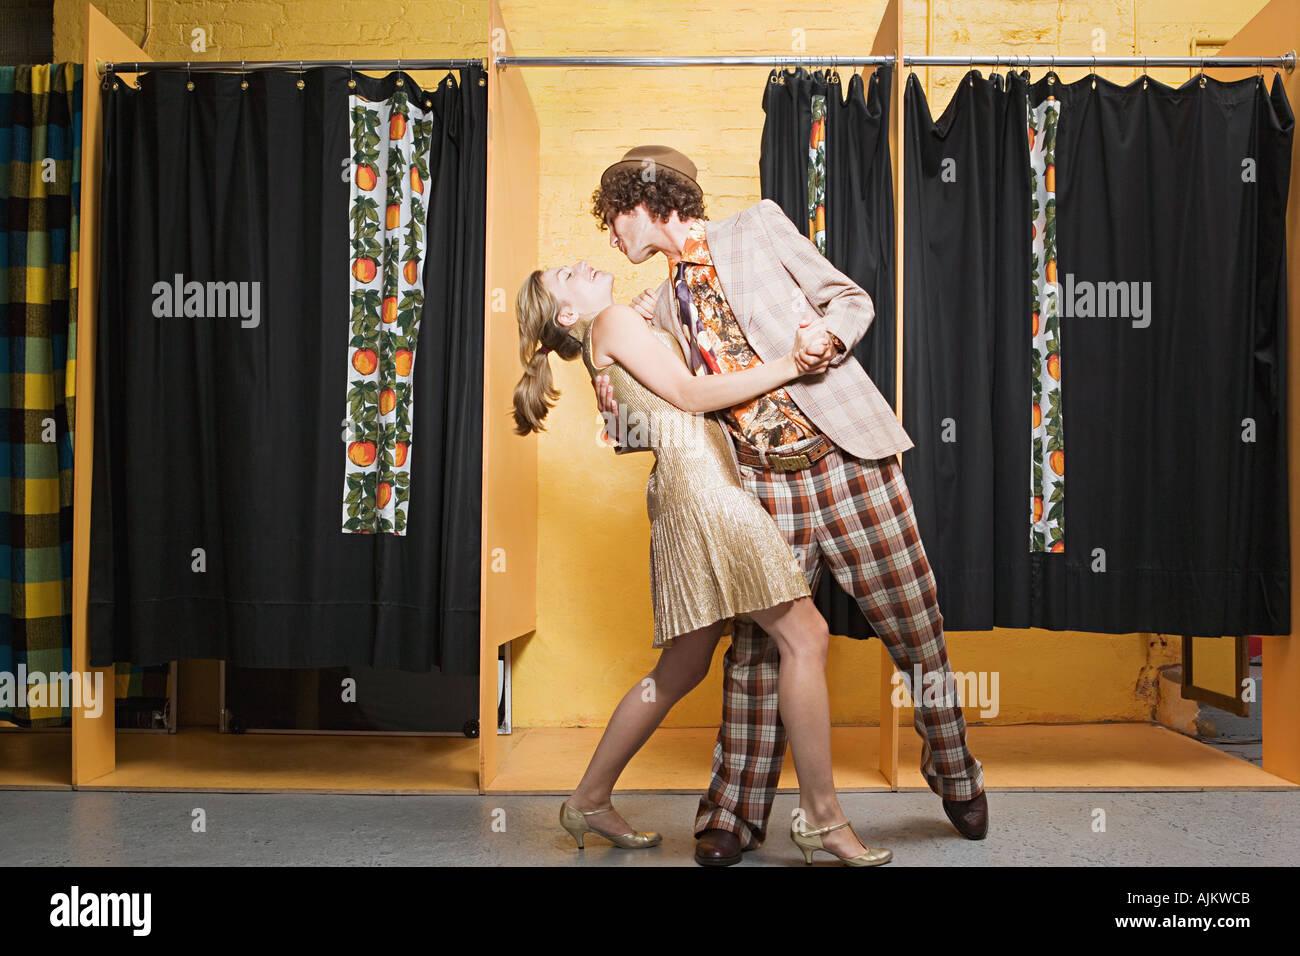 Retro casal dançando na loja de roupas Imagens de Stock